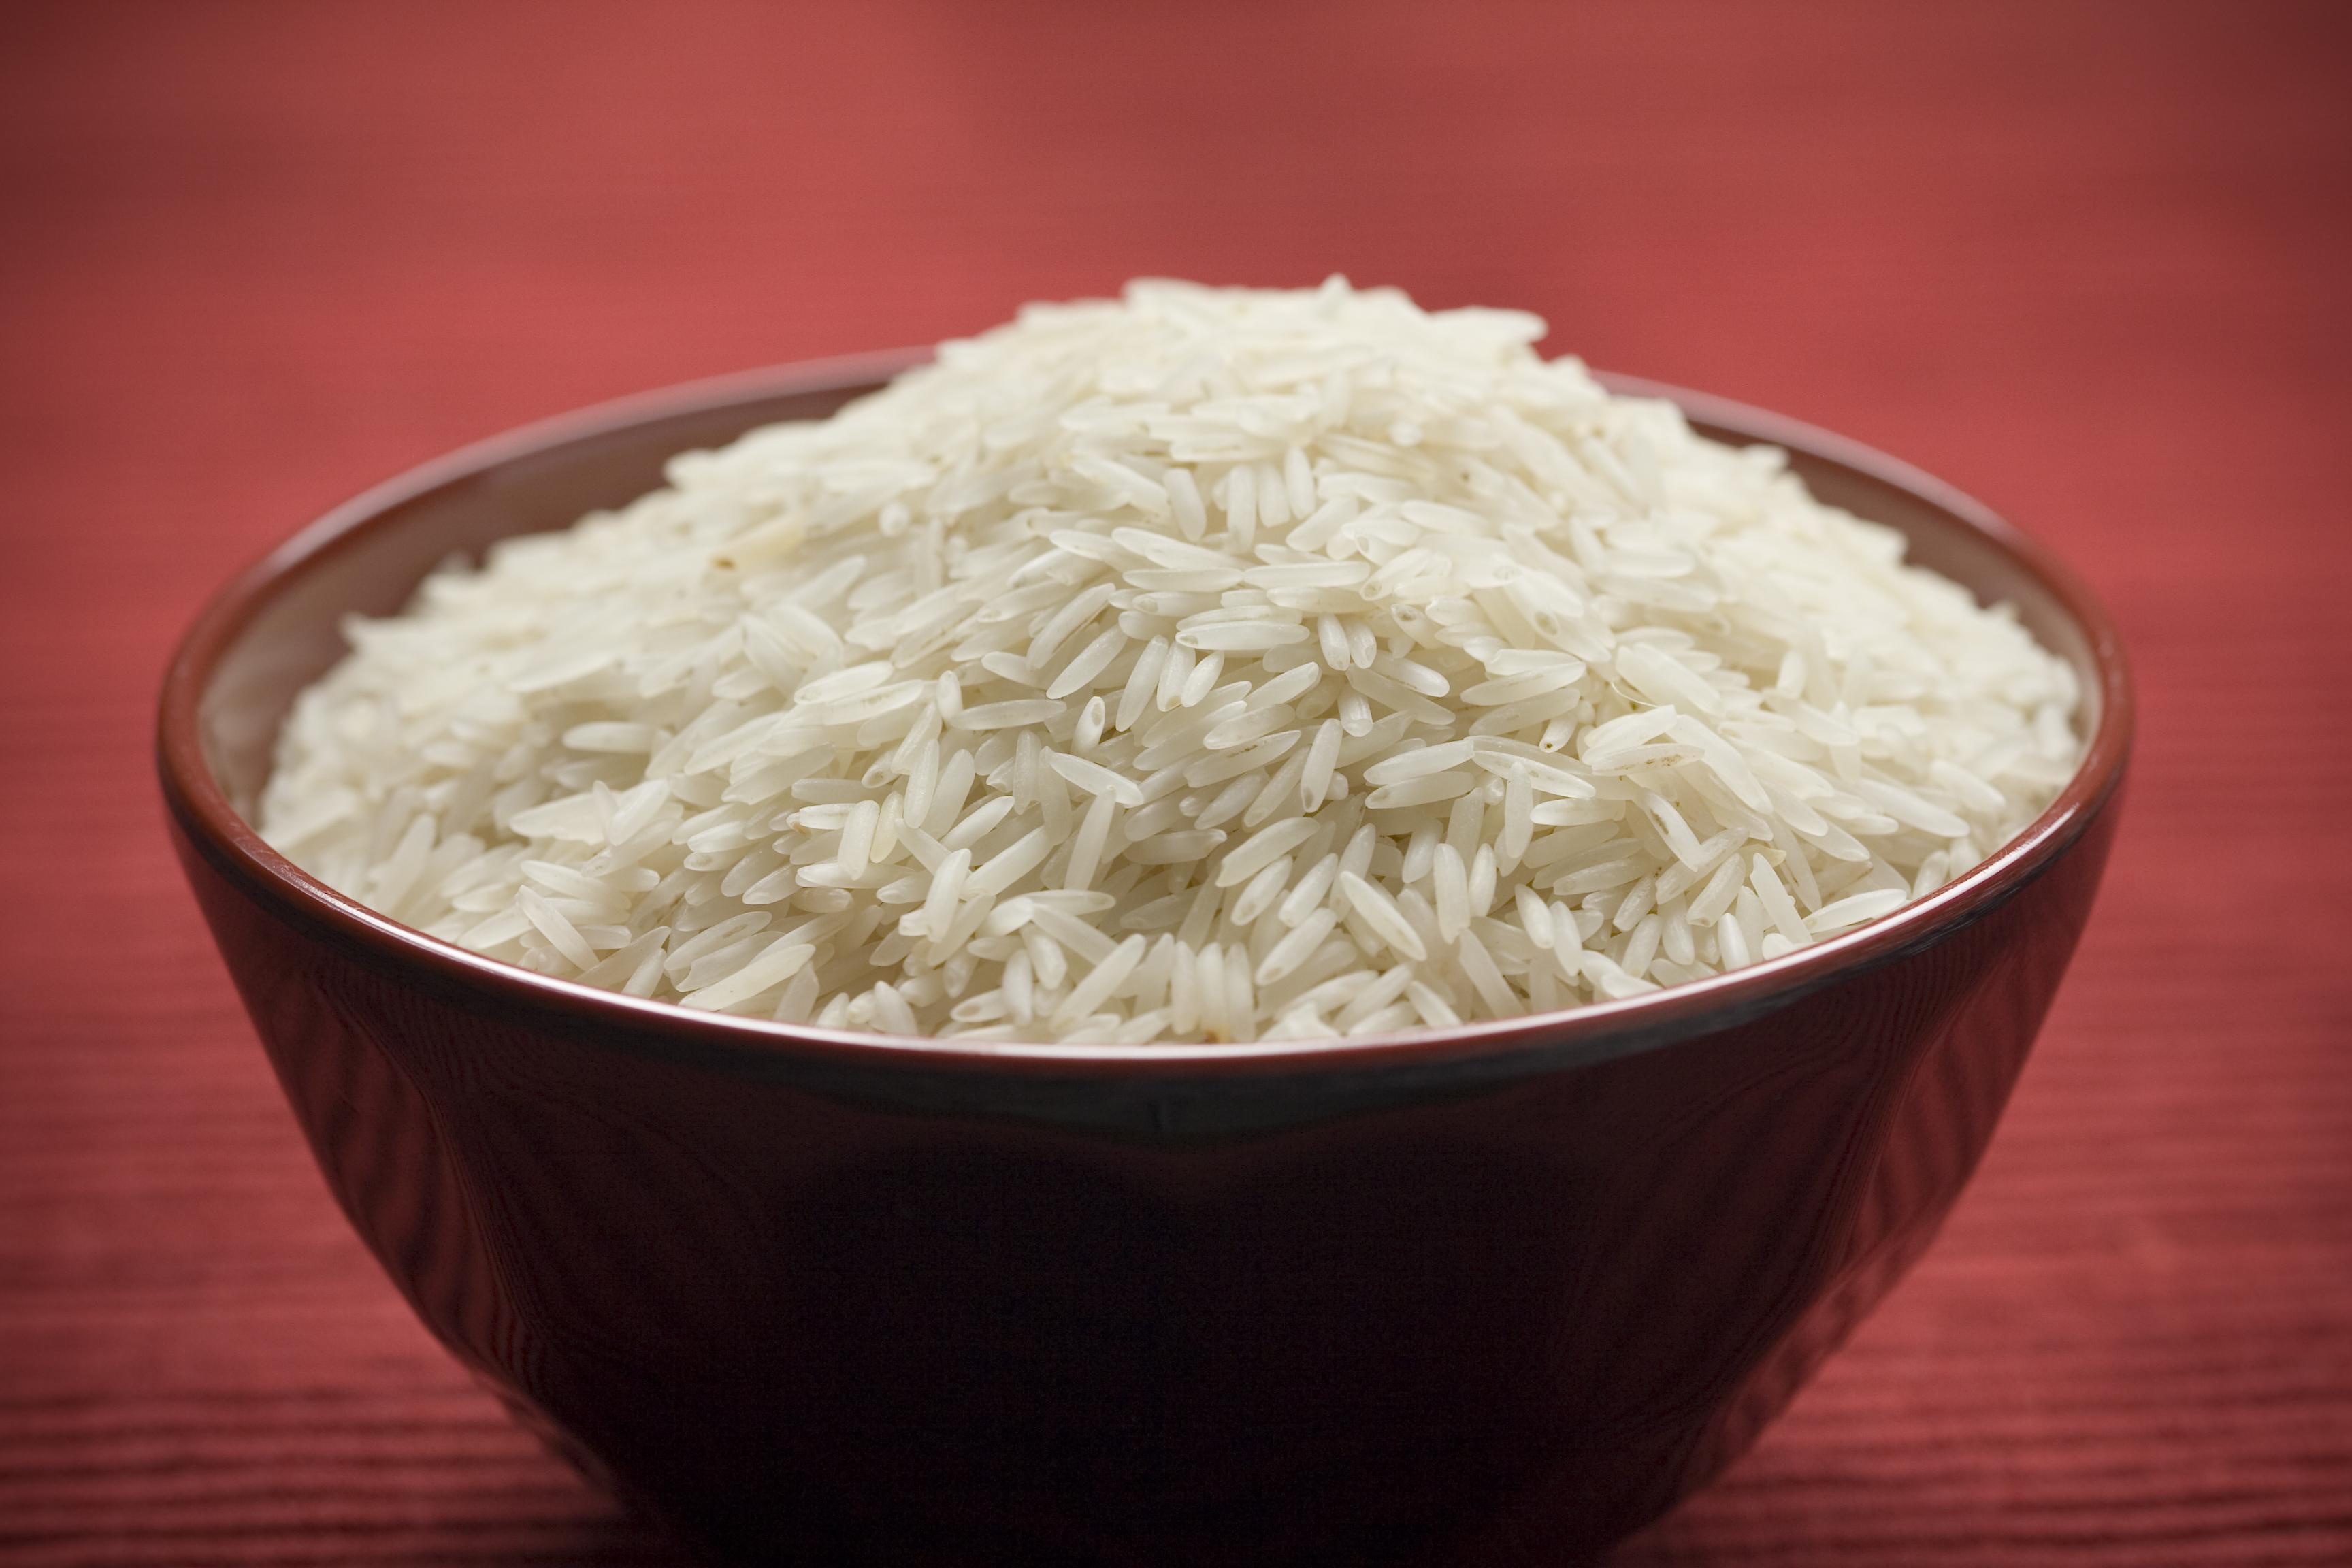 Siyah pirincin faydaları nelerdir